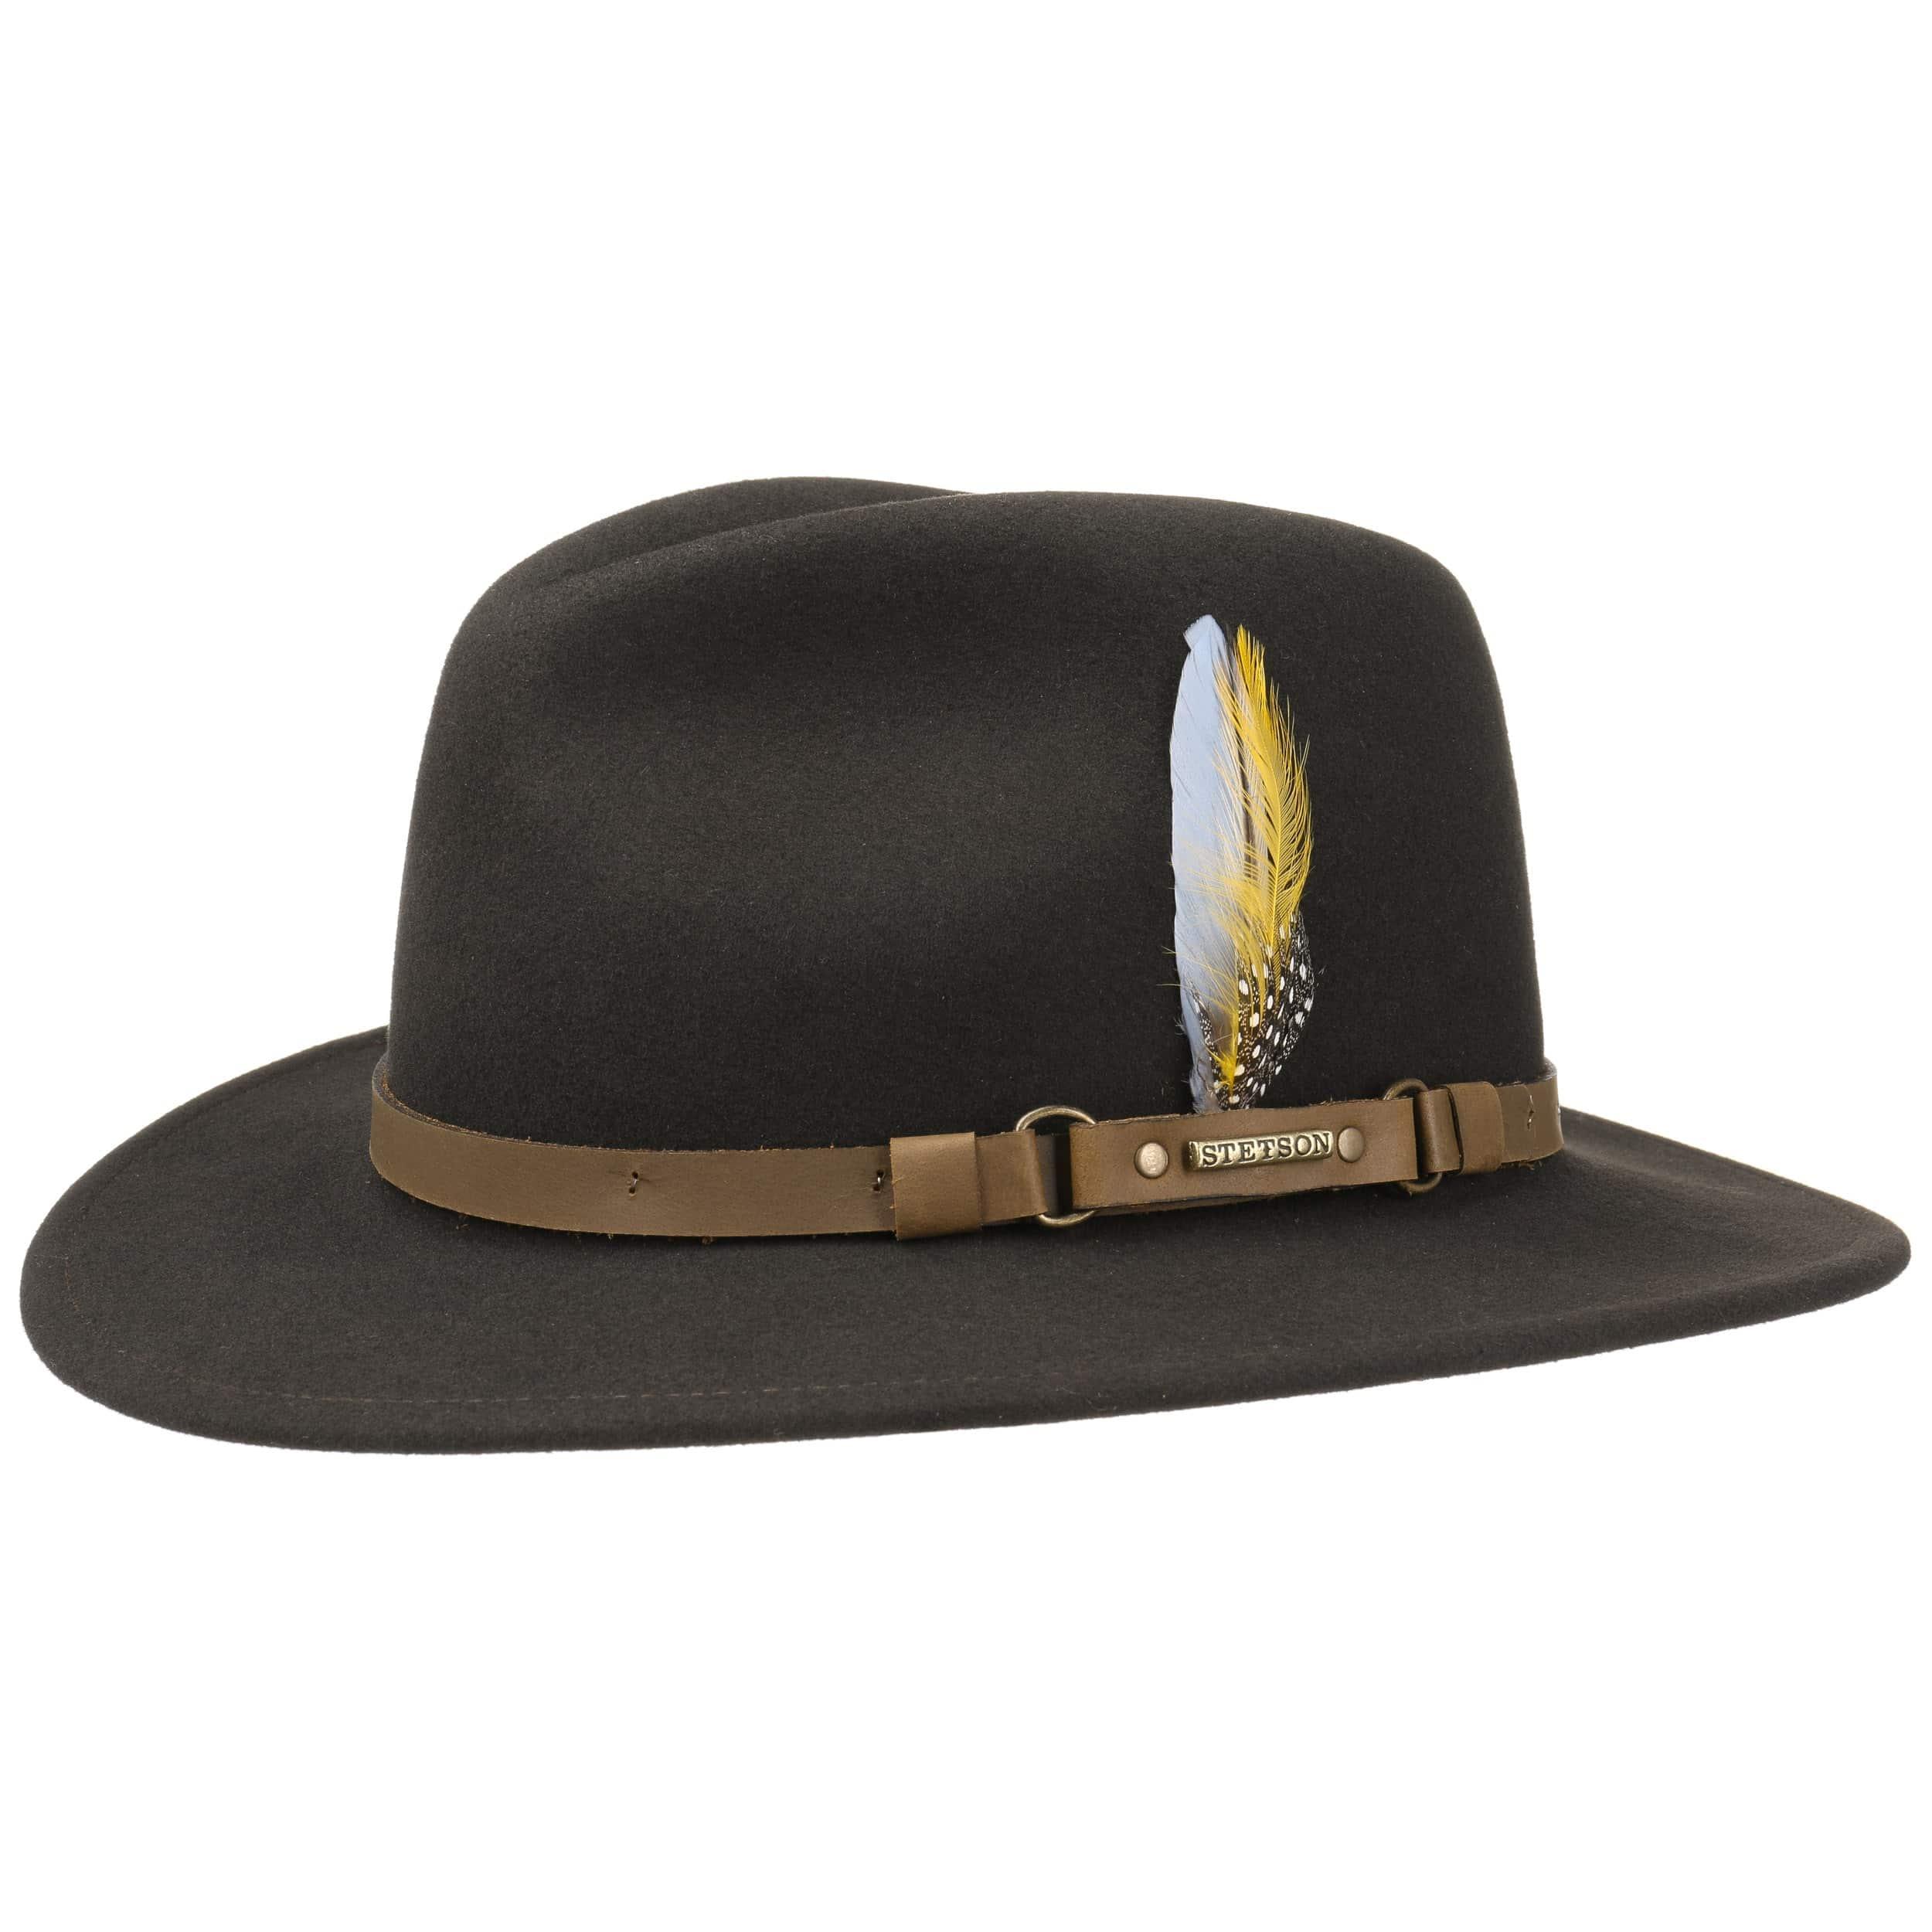 ... Hamlin VitaFelt Traveller Hat by Stetson - brown 5 ... 1764bd3e68a